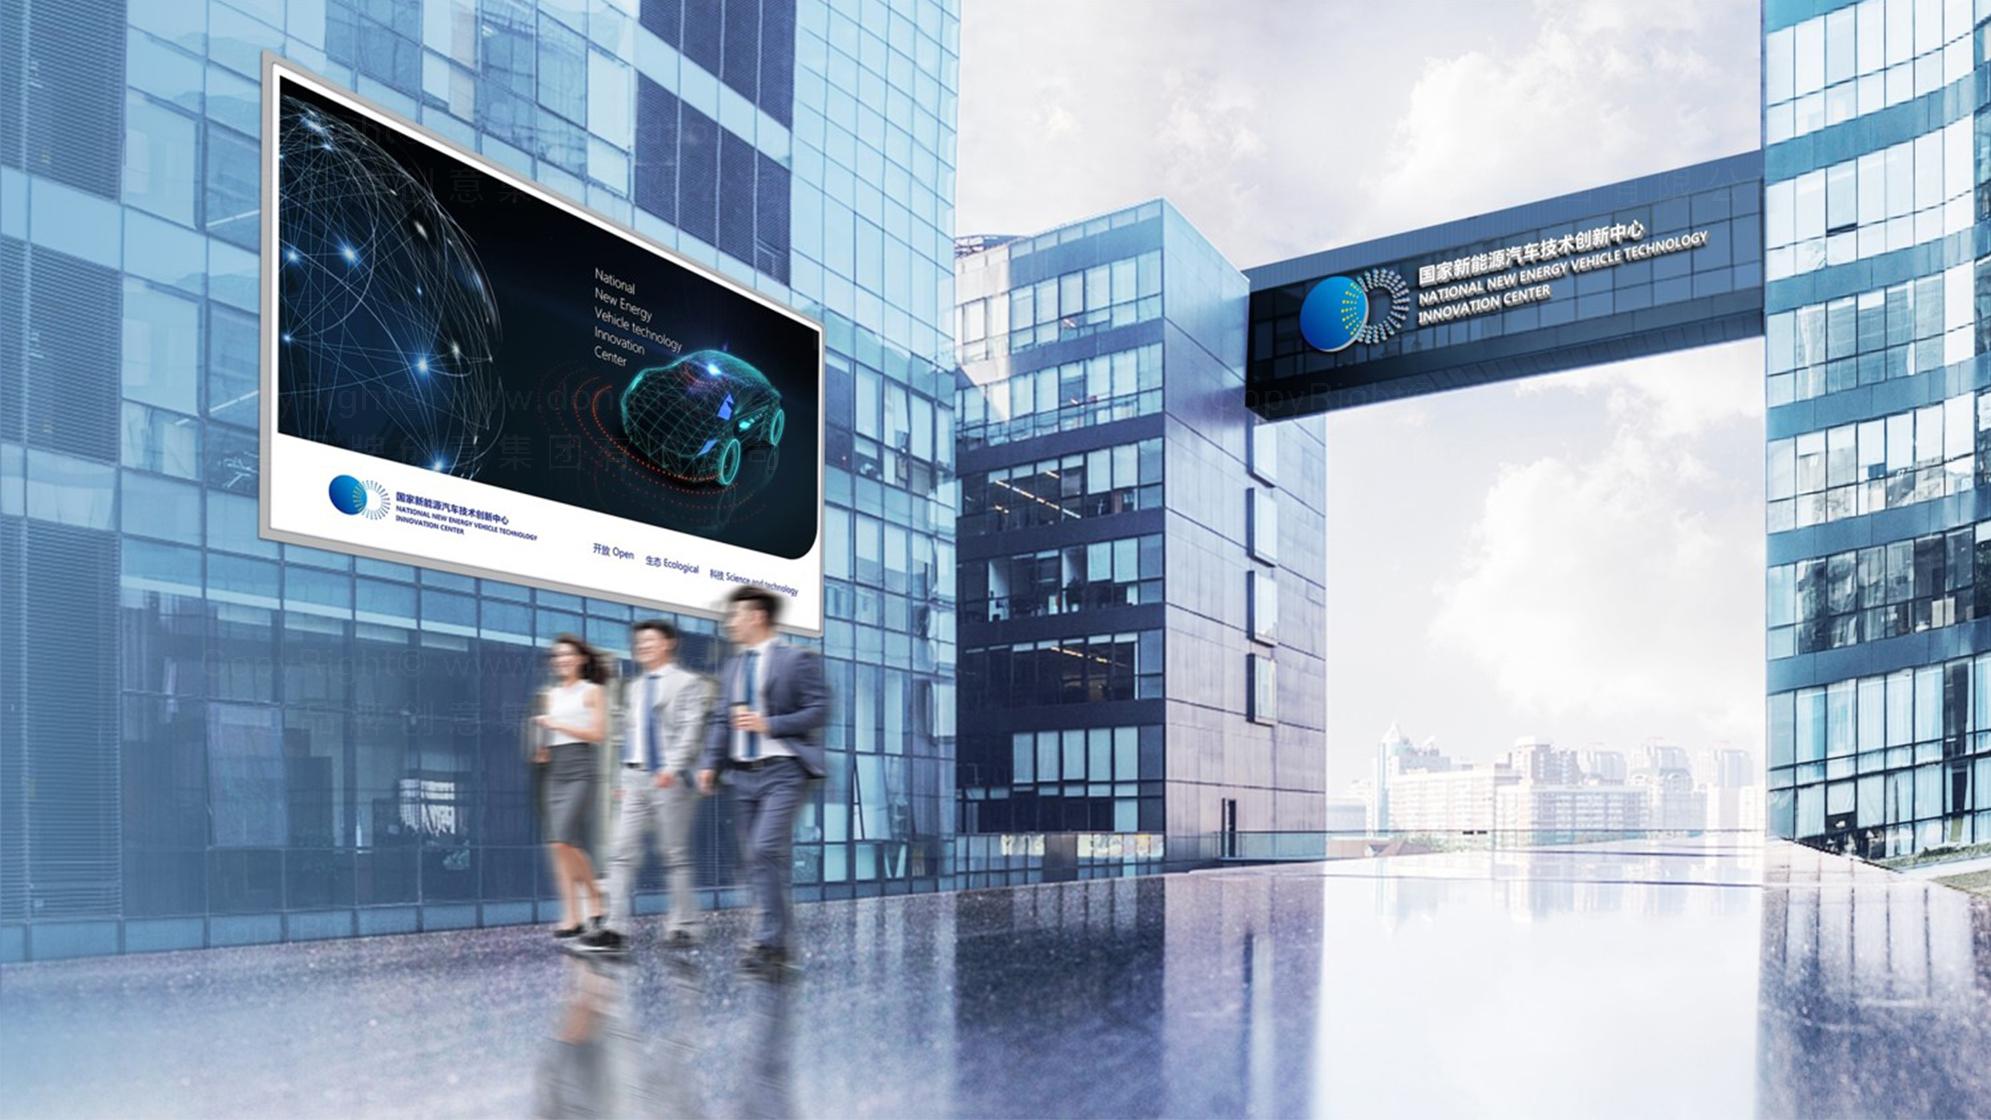 品牌设计国家新能源汽车技术创新中心标志设计应用场景_2